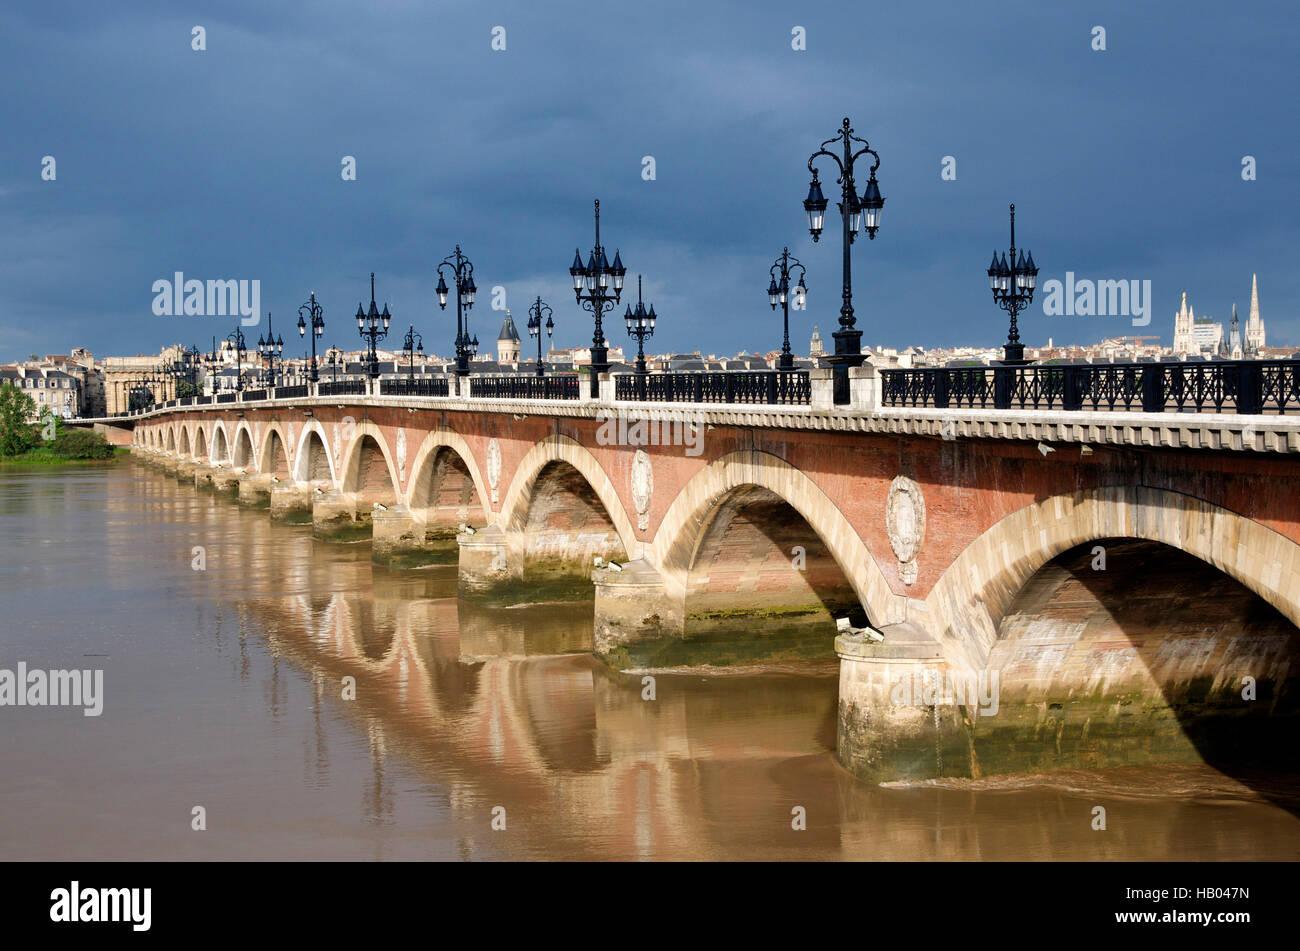 The Pont de Pierre crossing the river Garonne, Bordeaux, Aquitaine, France, Europe - Stock Image